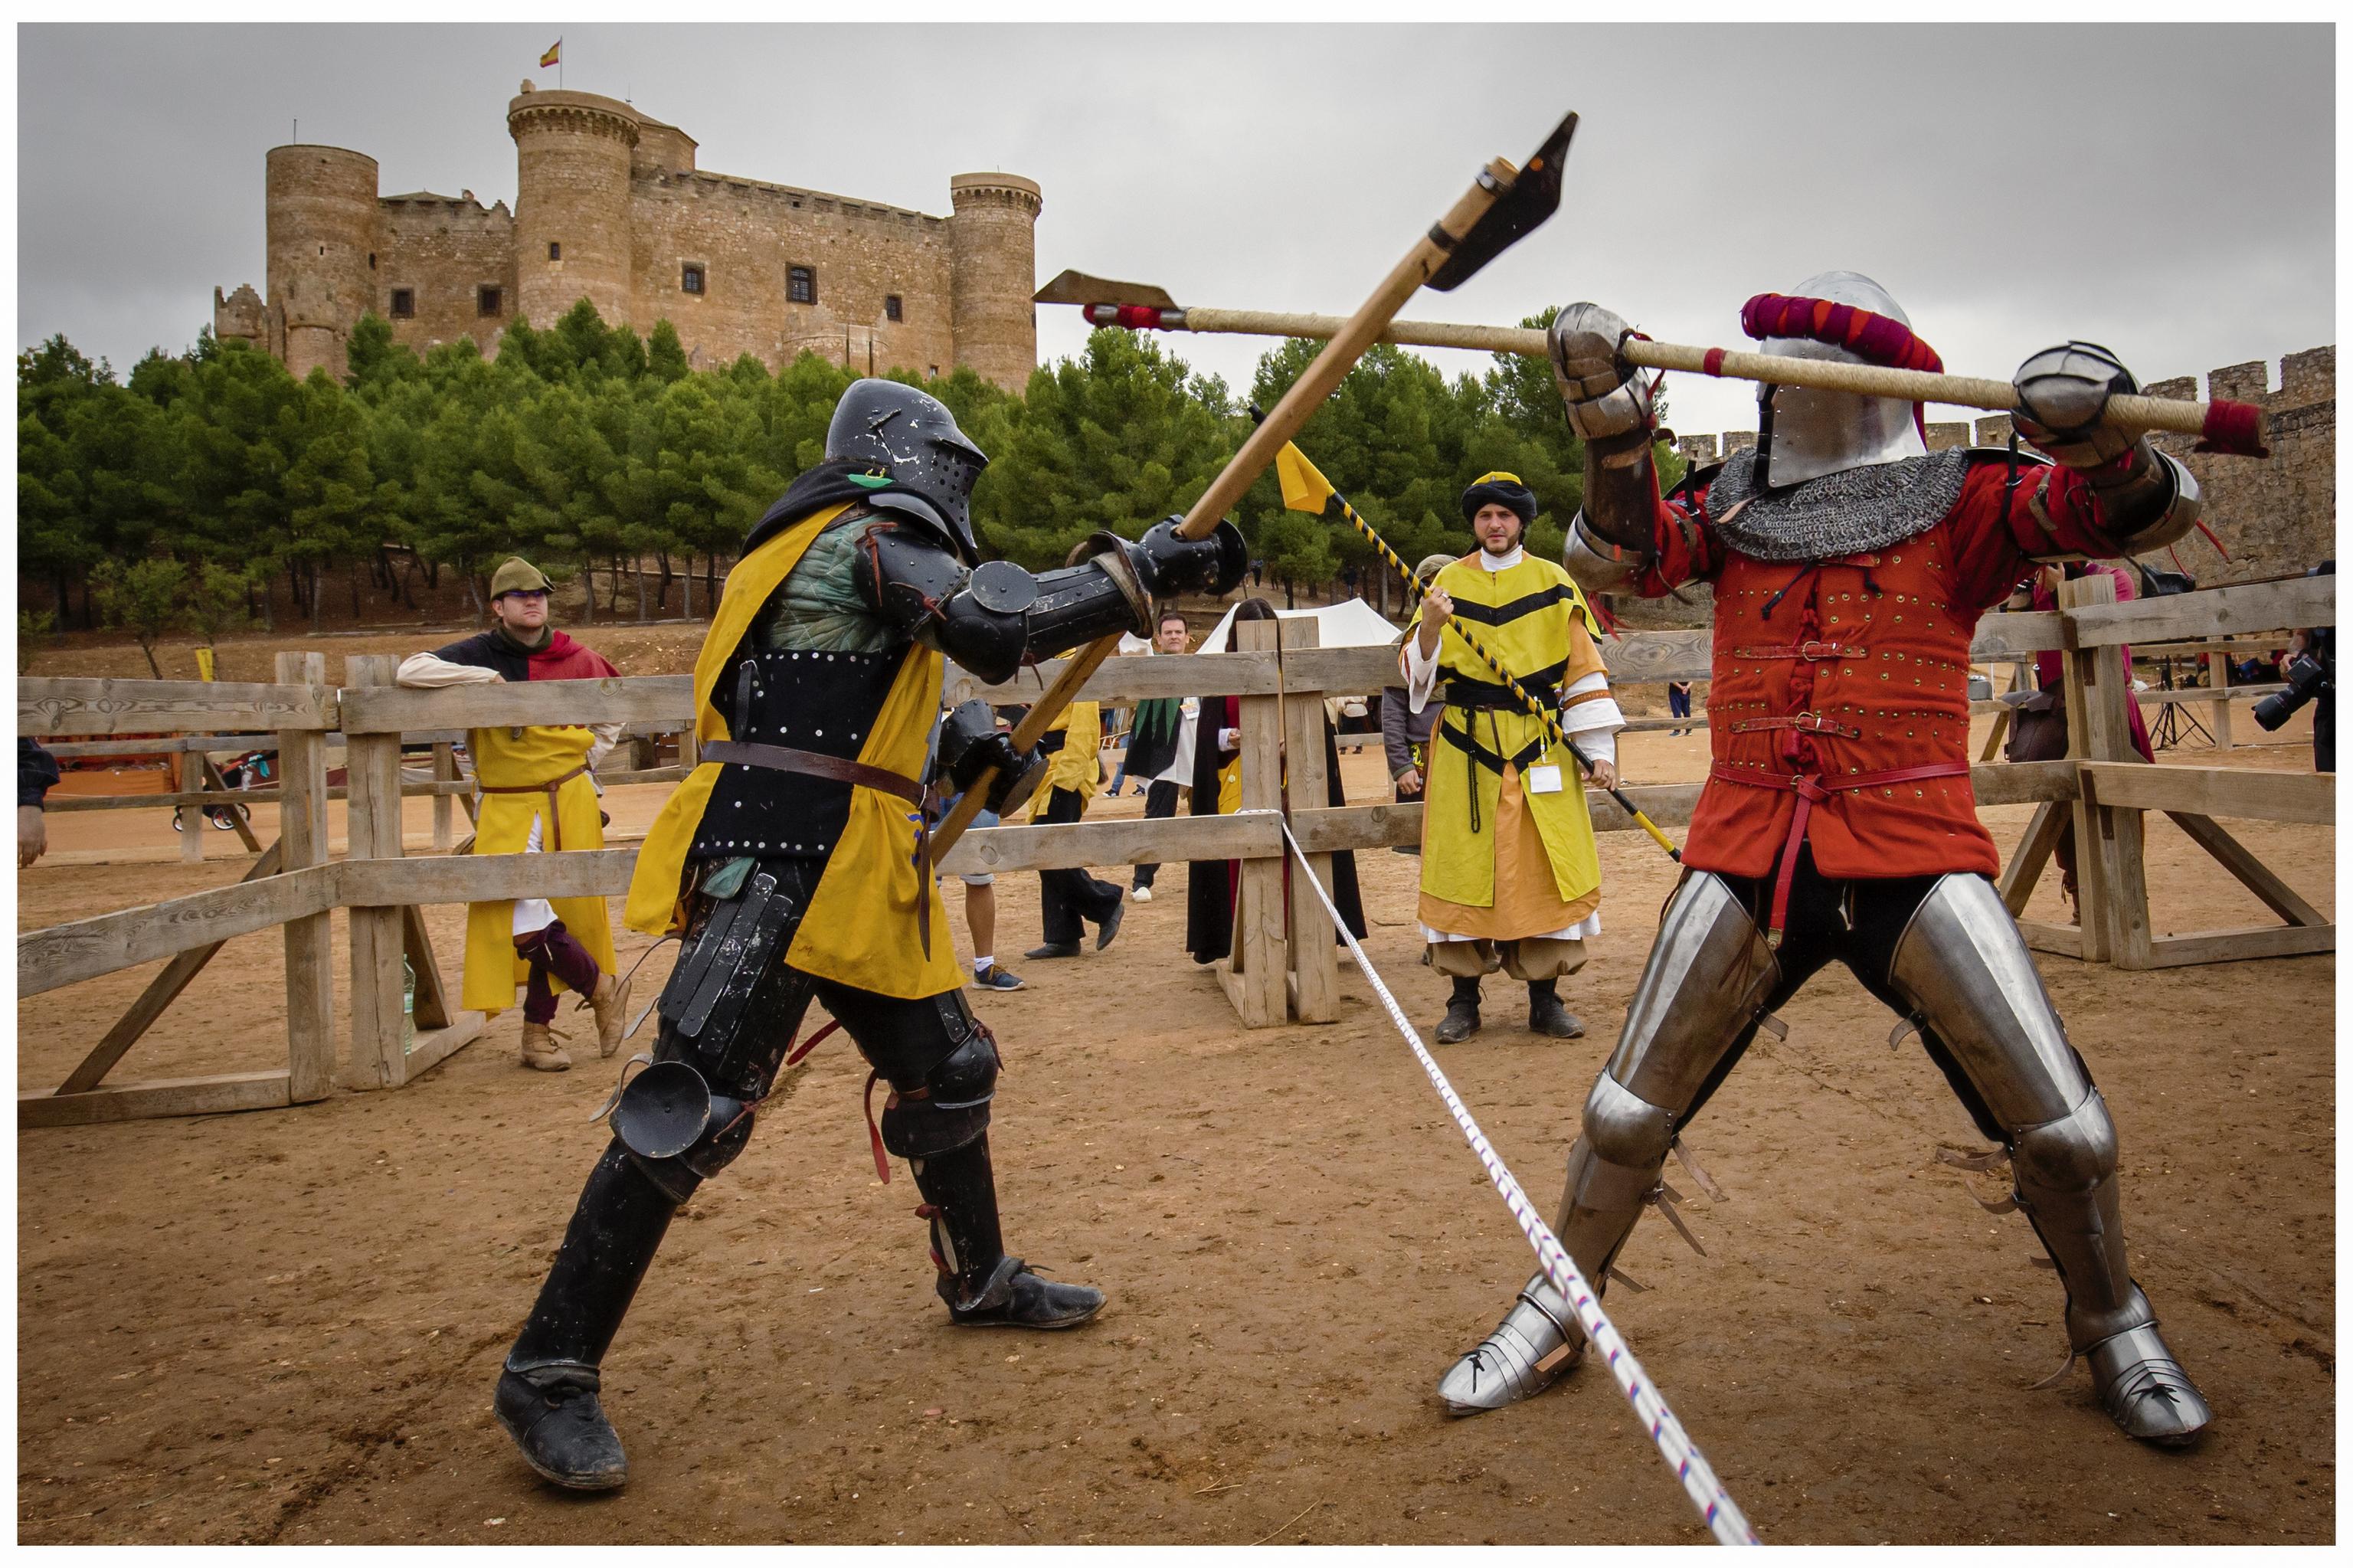 Las luchas con espada regresan a Castilla